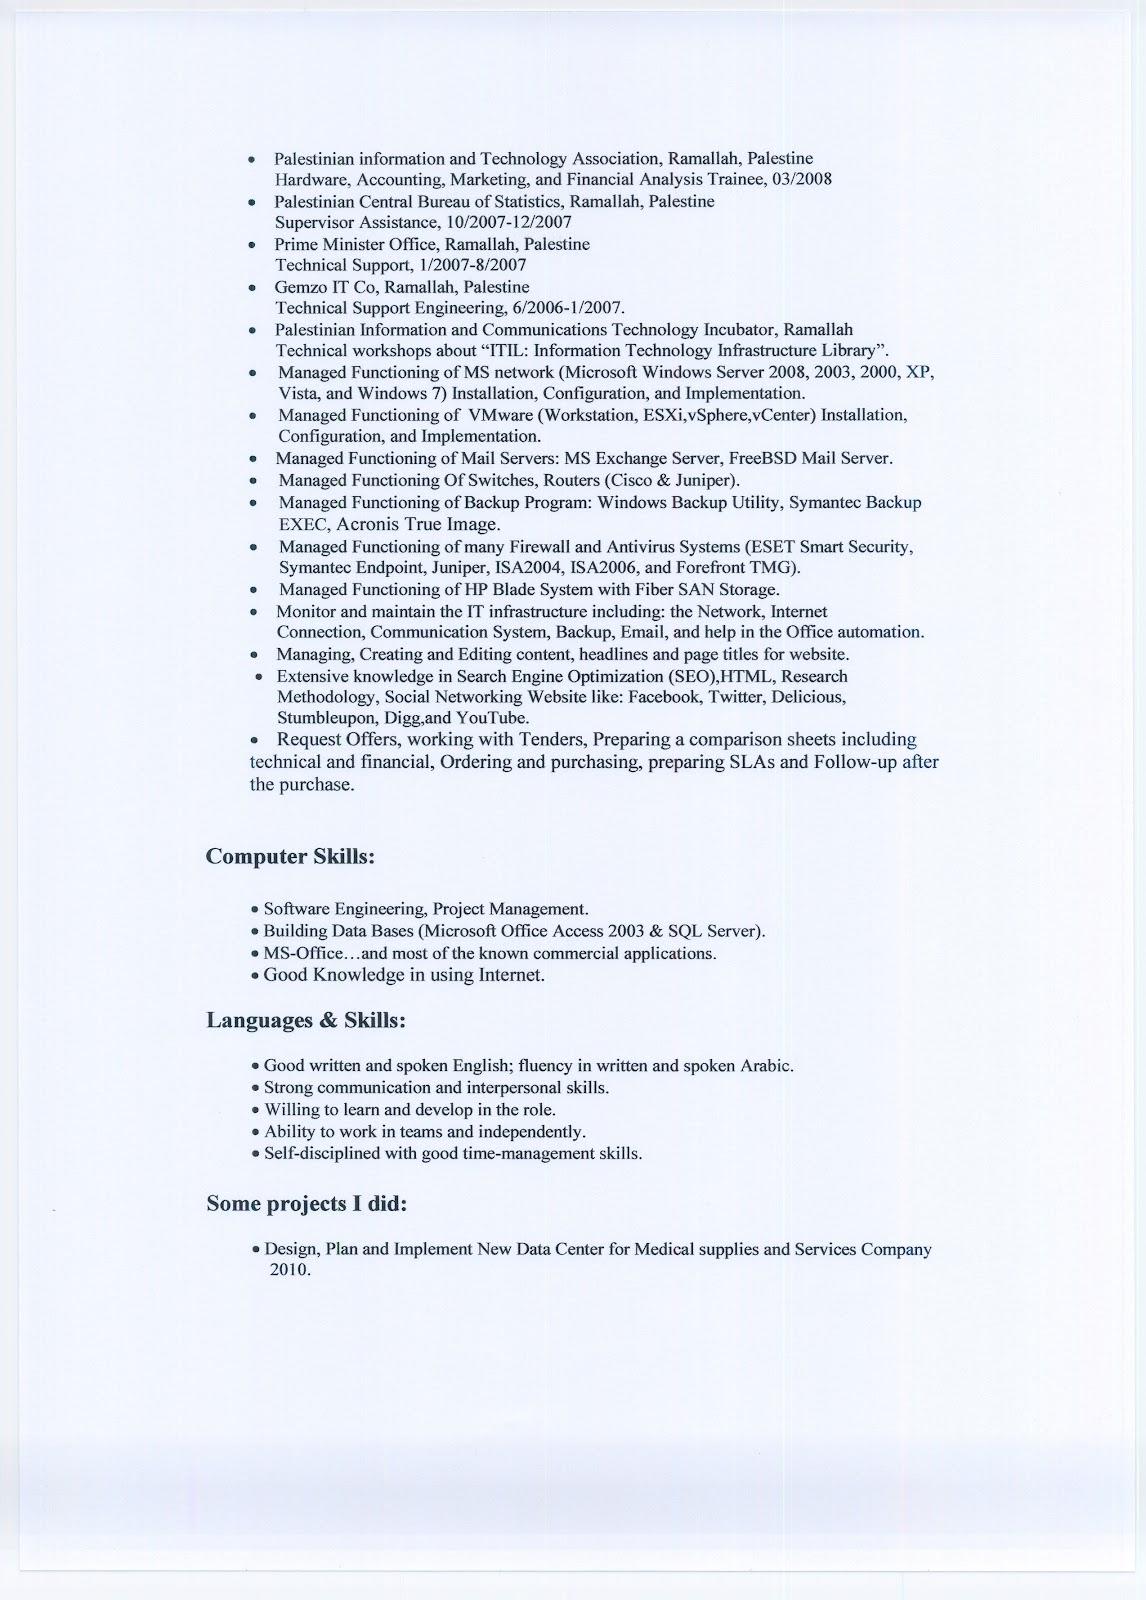 how to write a cv cv example how to write a cv cv example cv template